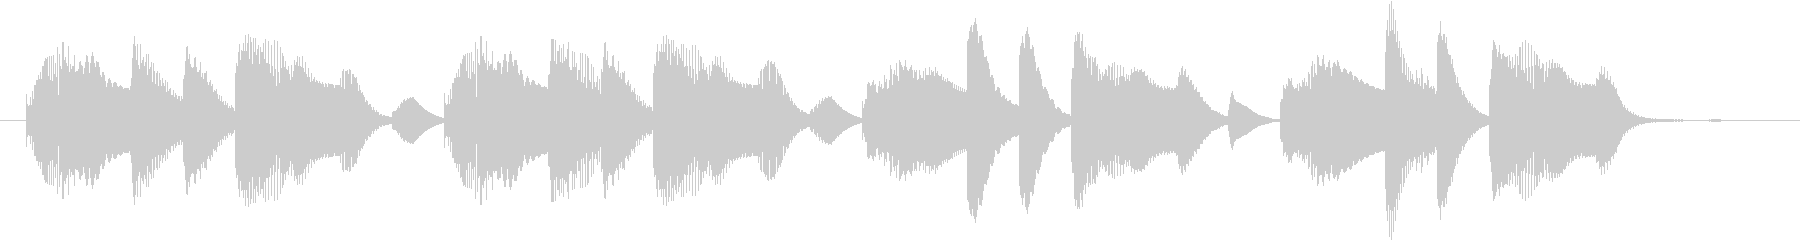 木琴で作ったほのぼのとしたジングルの未再生の波形